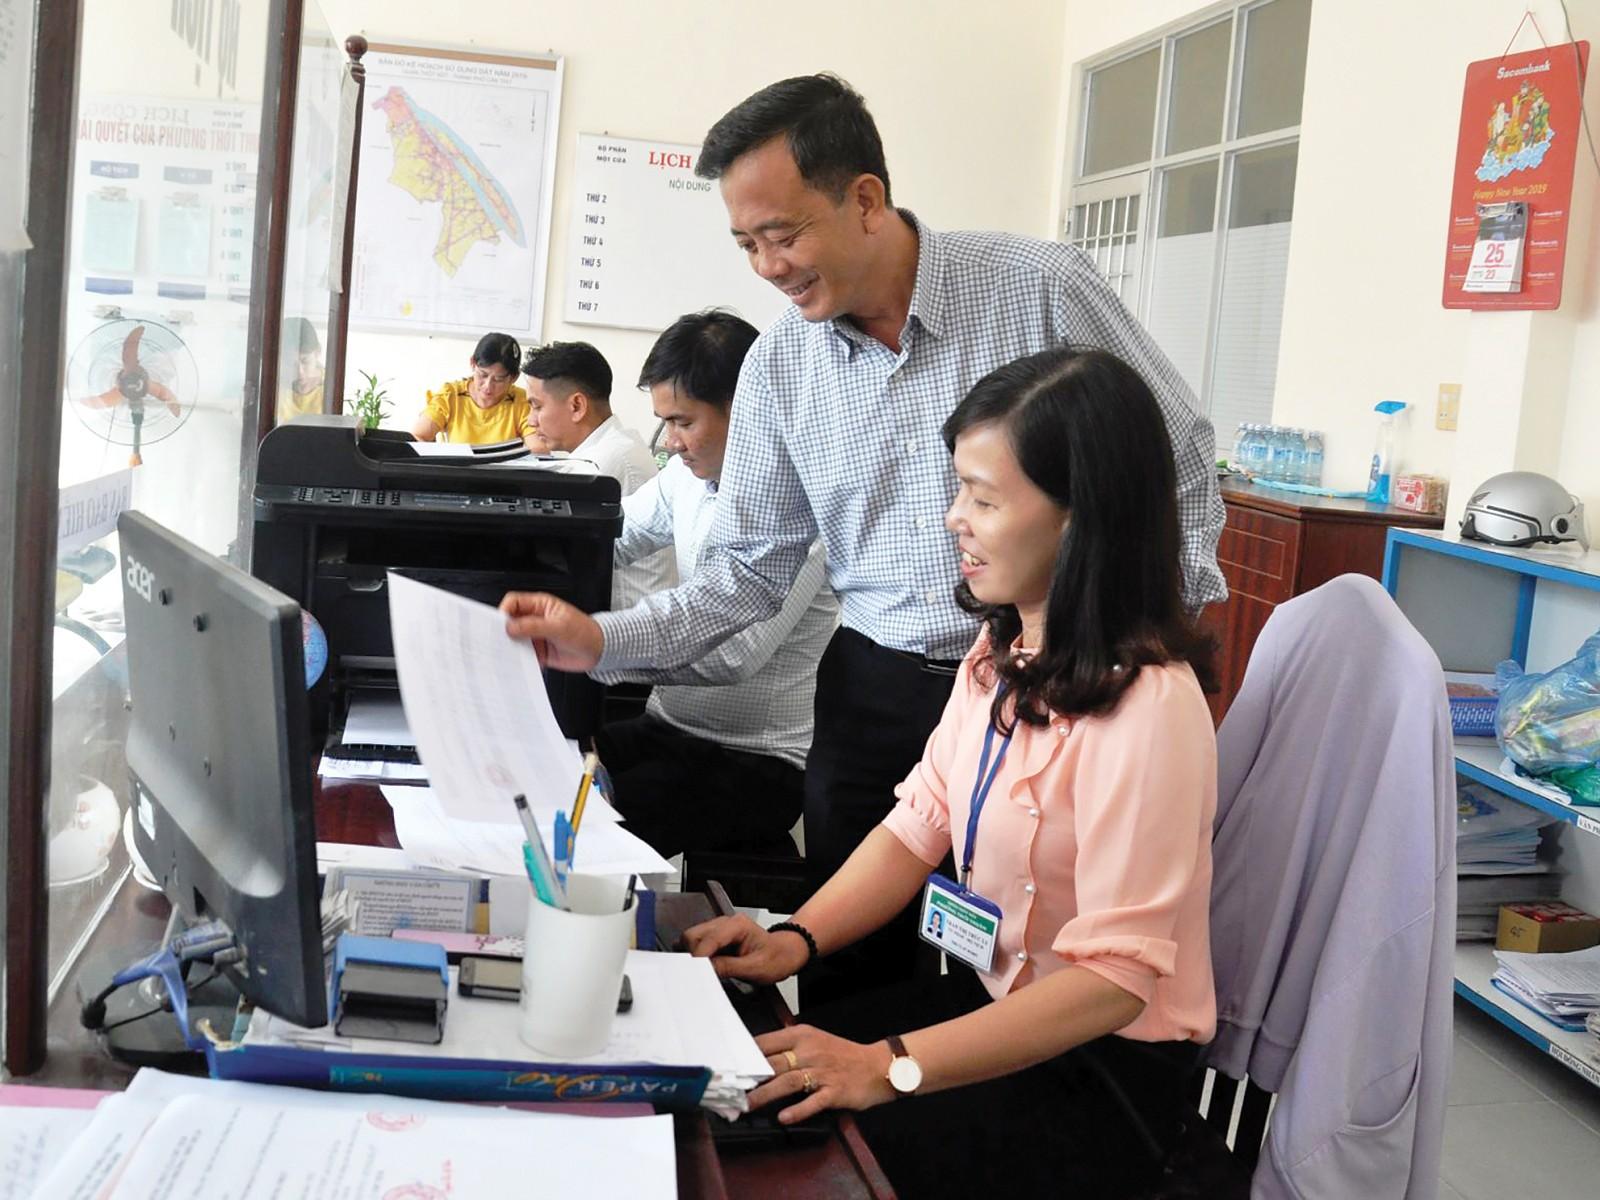 Thường trực Đảng ủy phường Thới Thuận giám sát công chức bộ phận một cửa của phường giải quyết thủ tục hành chính của người dân.